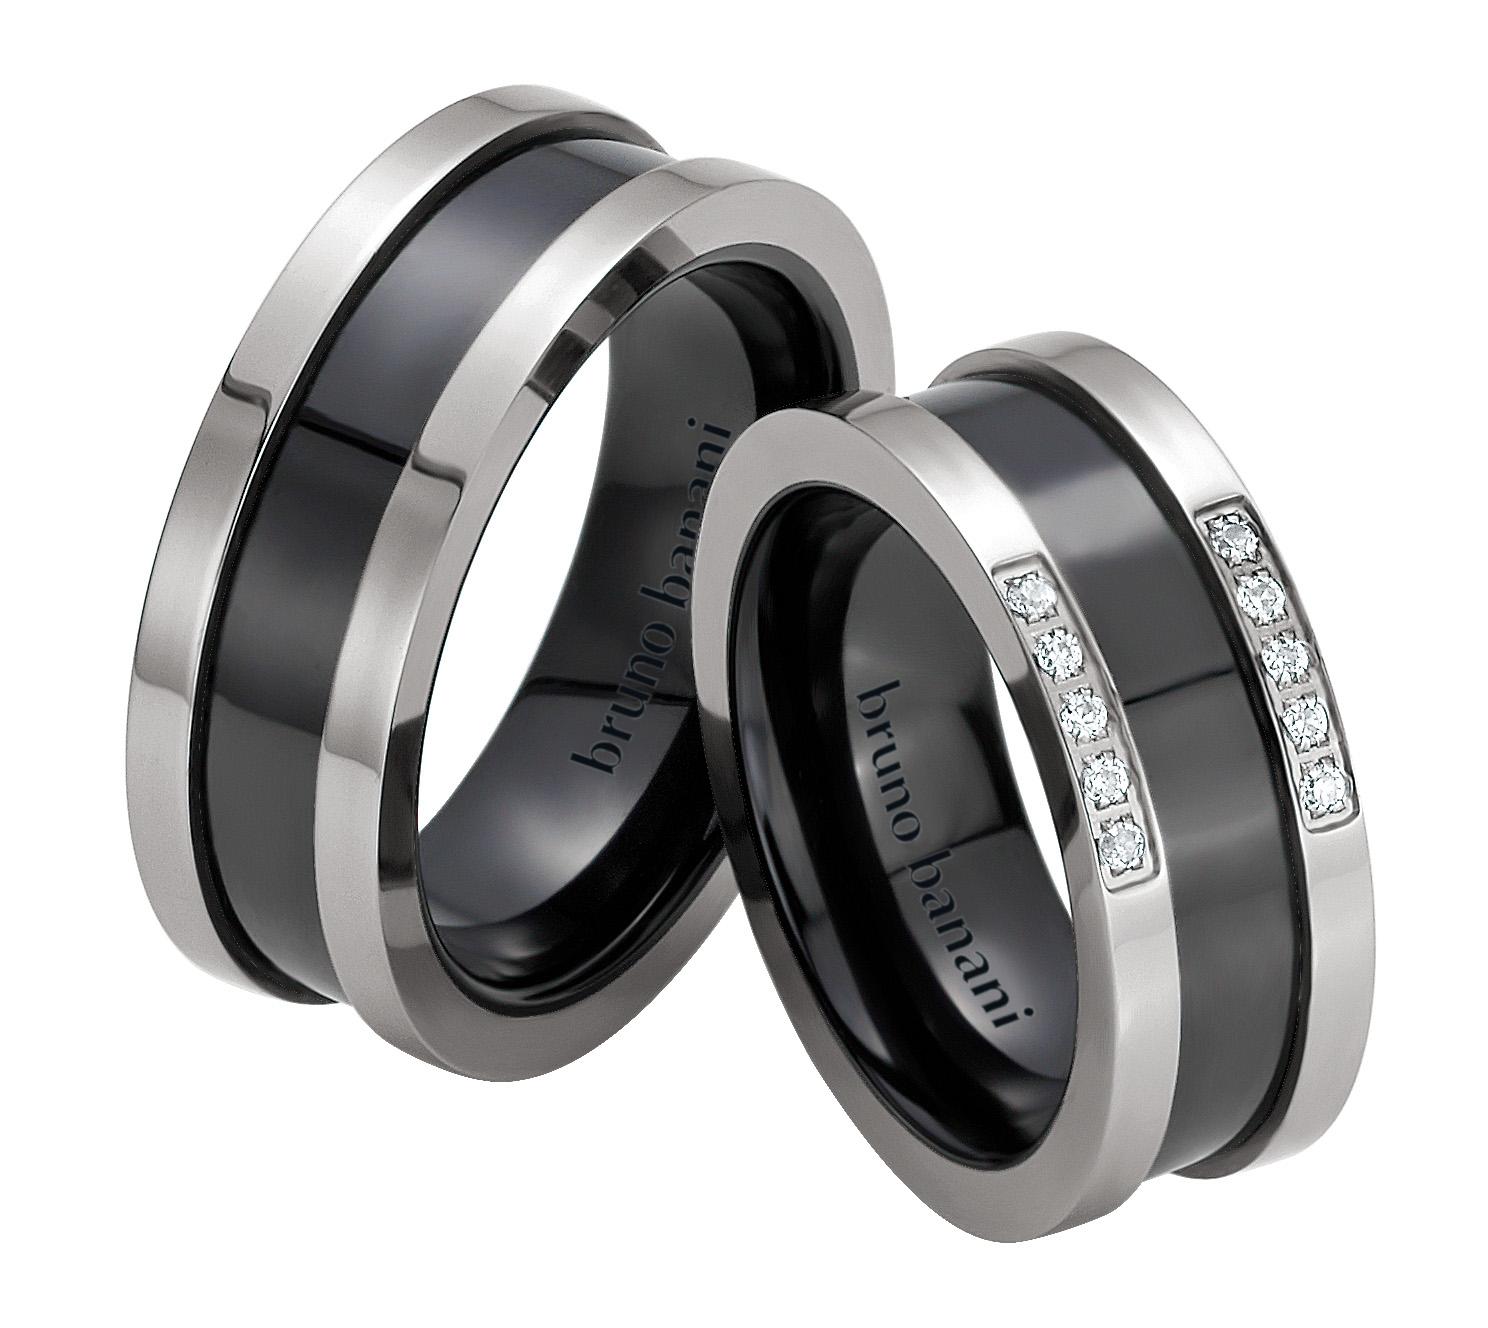 Bruno Banani Ceramic Ringe 44.84175 42.84175